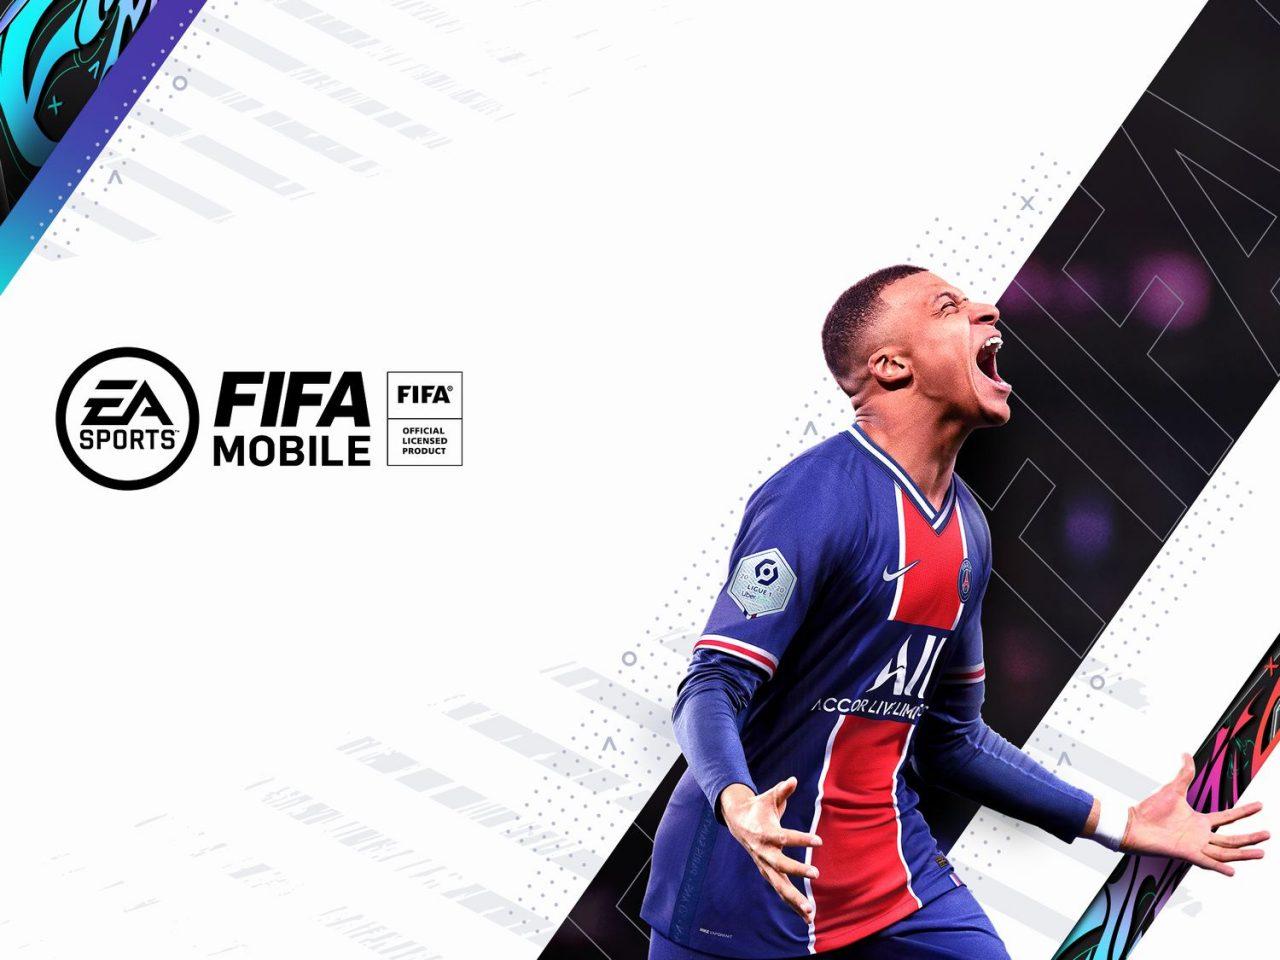 スマホ向けサッカーゲーム『EA SPORTS(TM) FIFA MOBILE』の日本配信が決定!